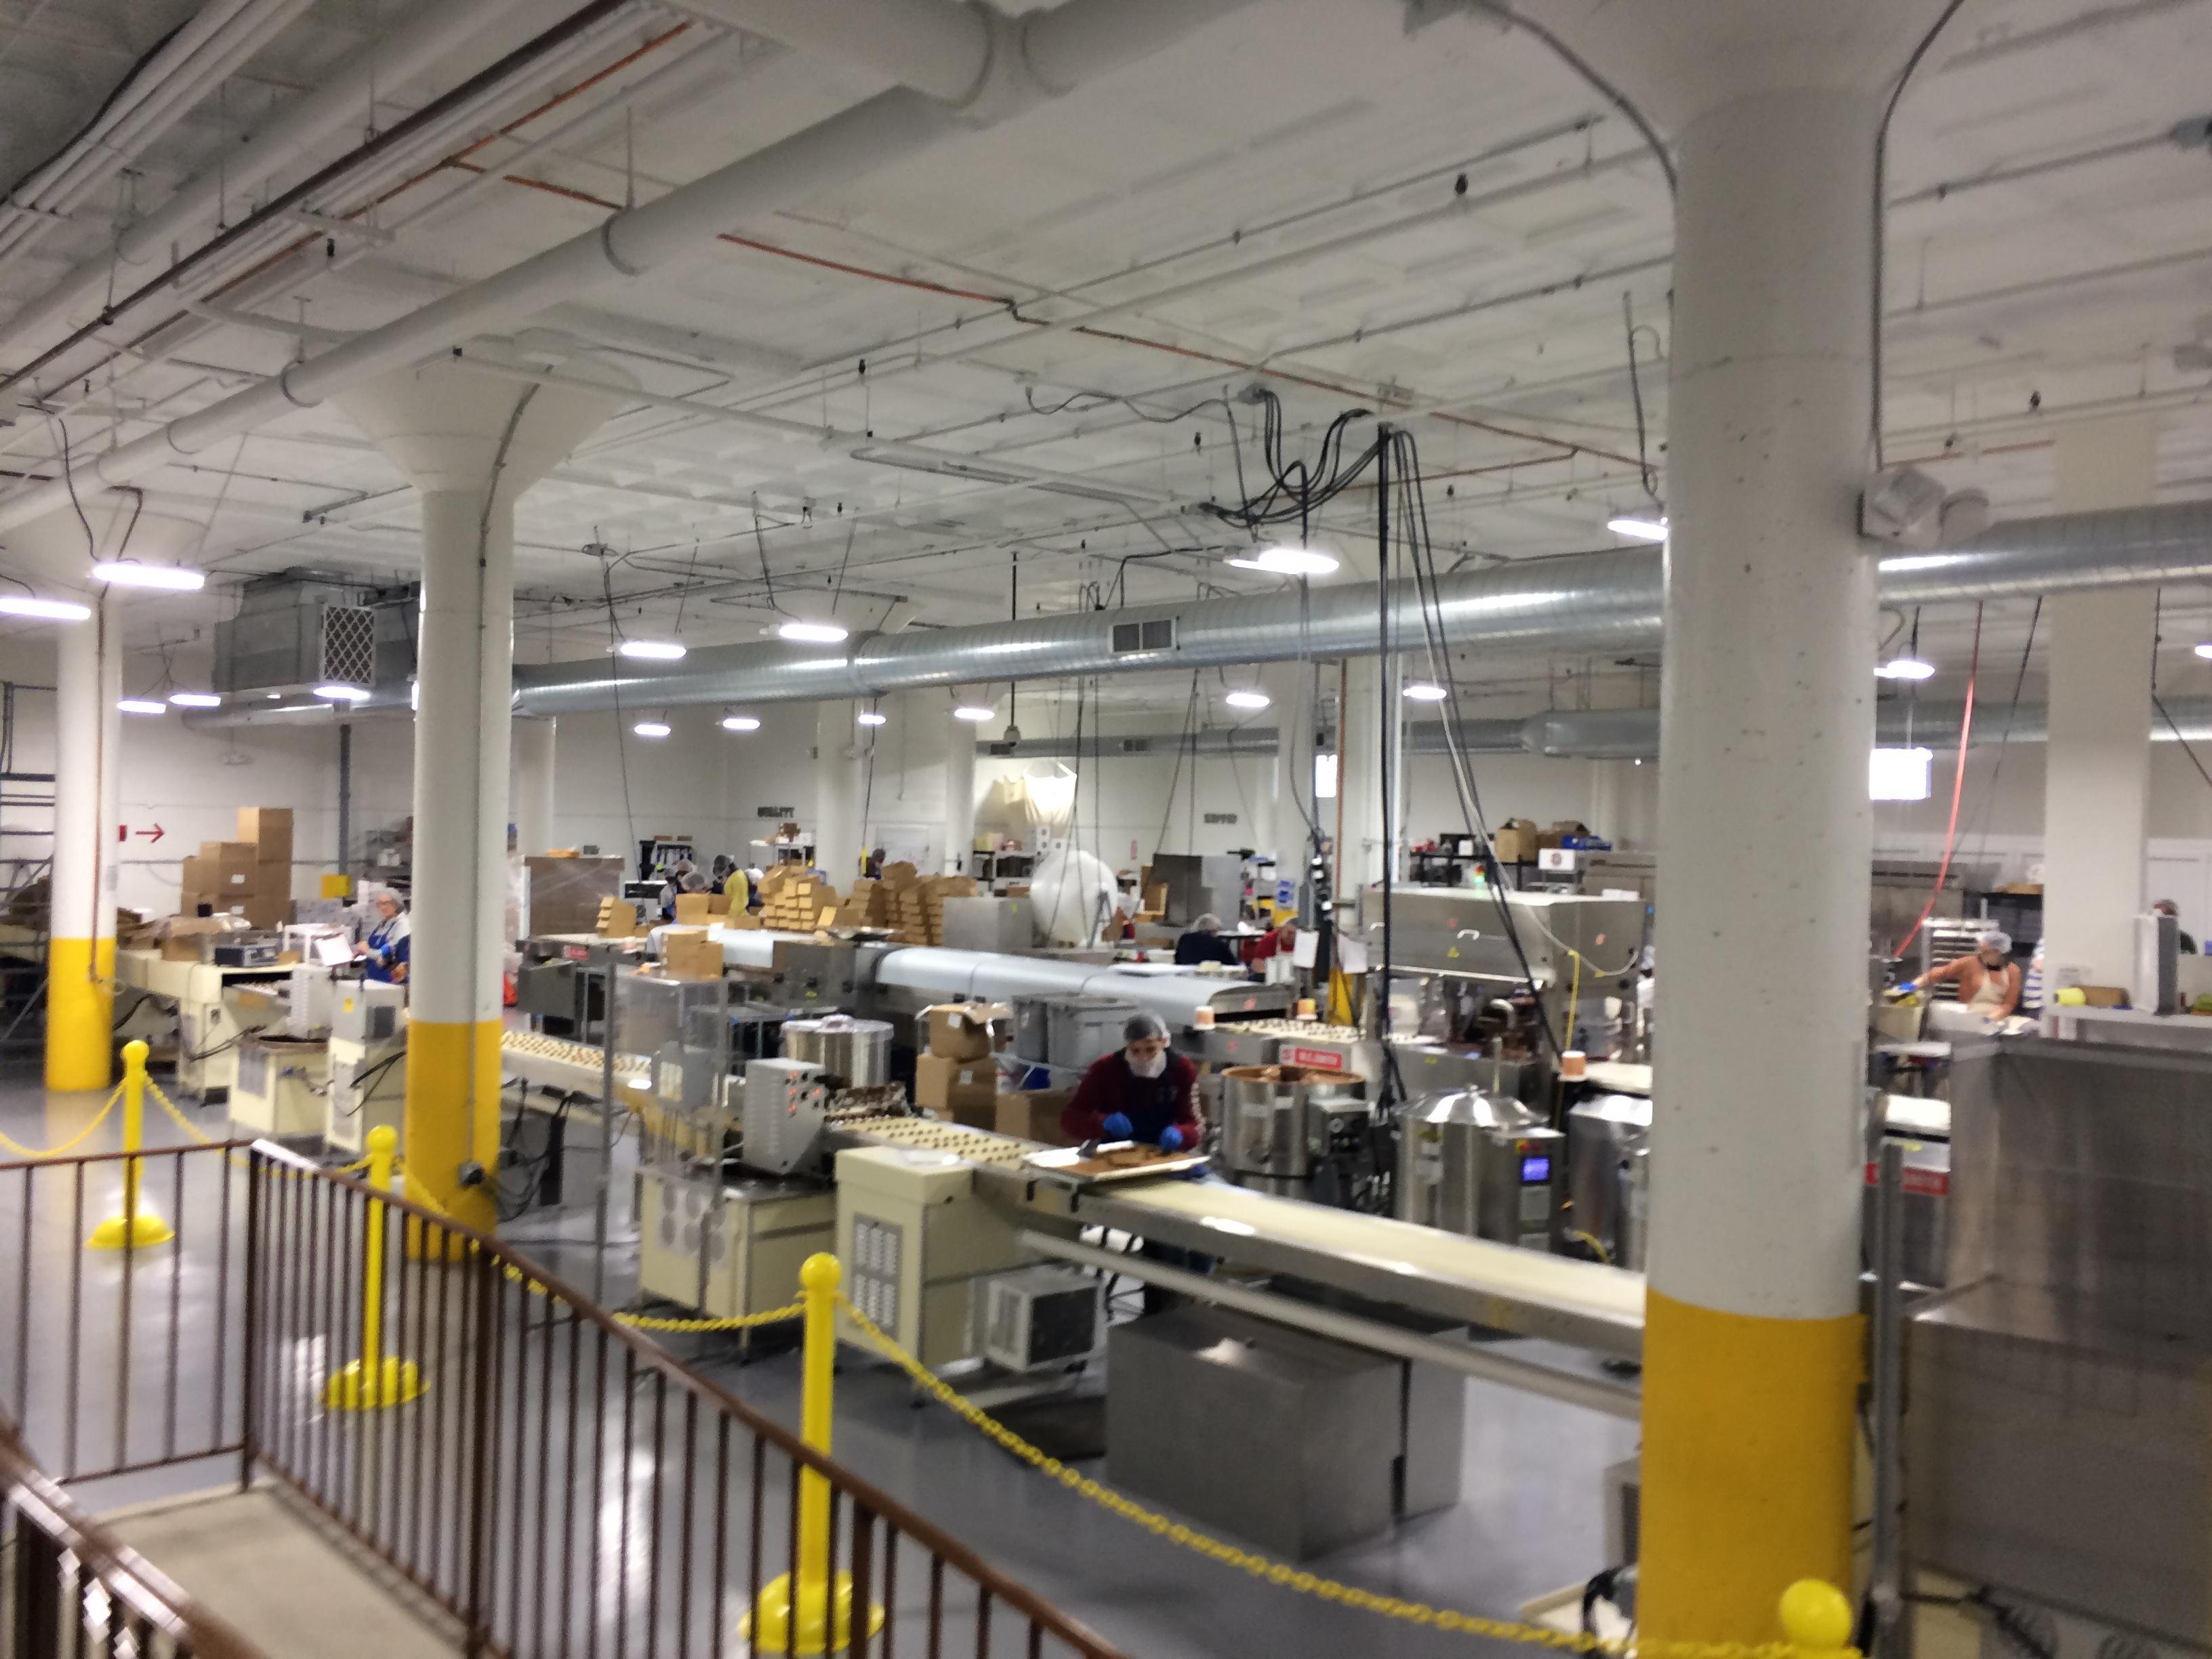 2017-02-01 Factory Floor